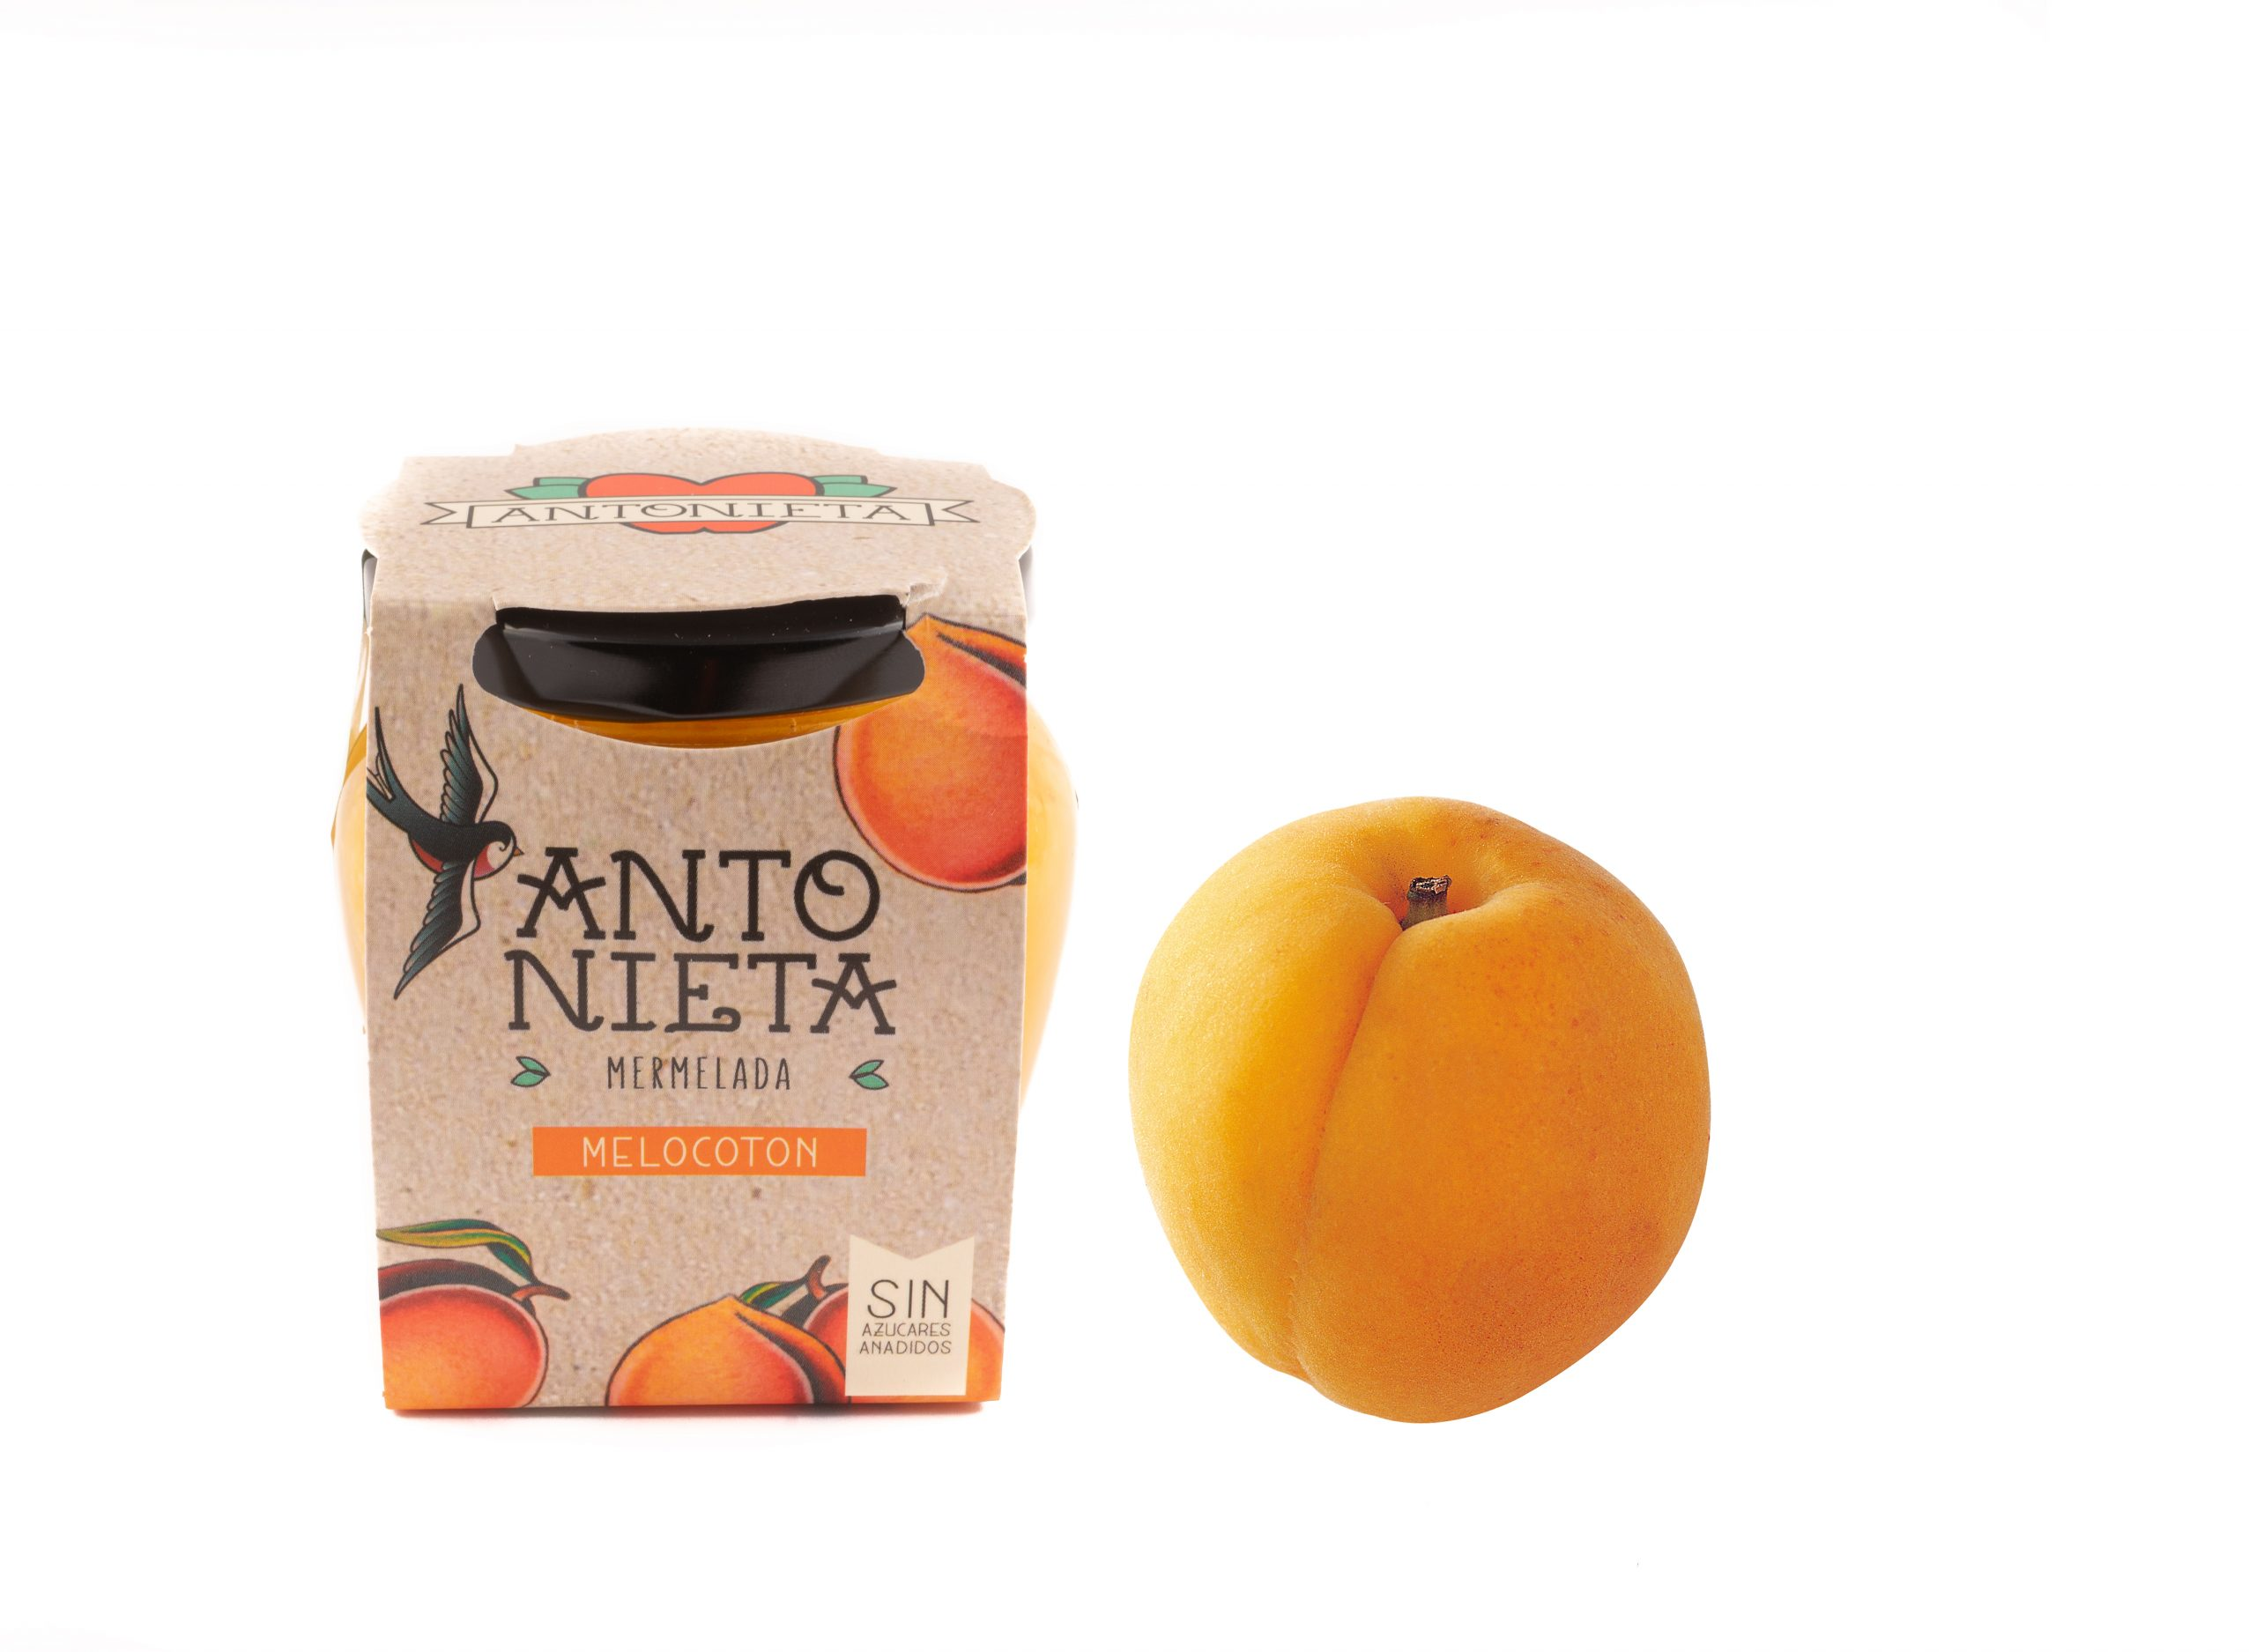 Melmelada de Prèssec de la marca Antonieta Fruits